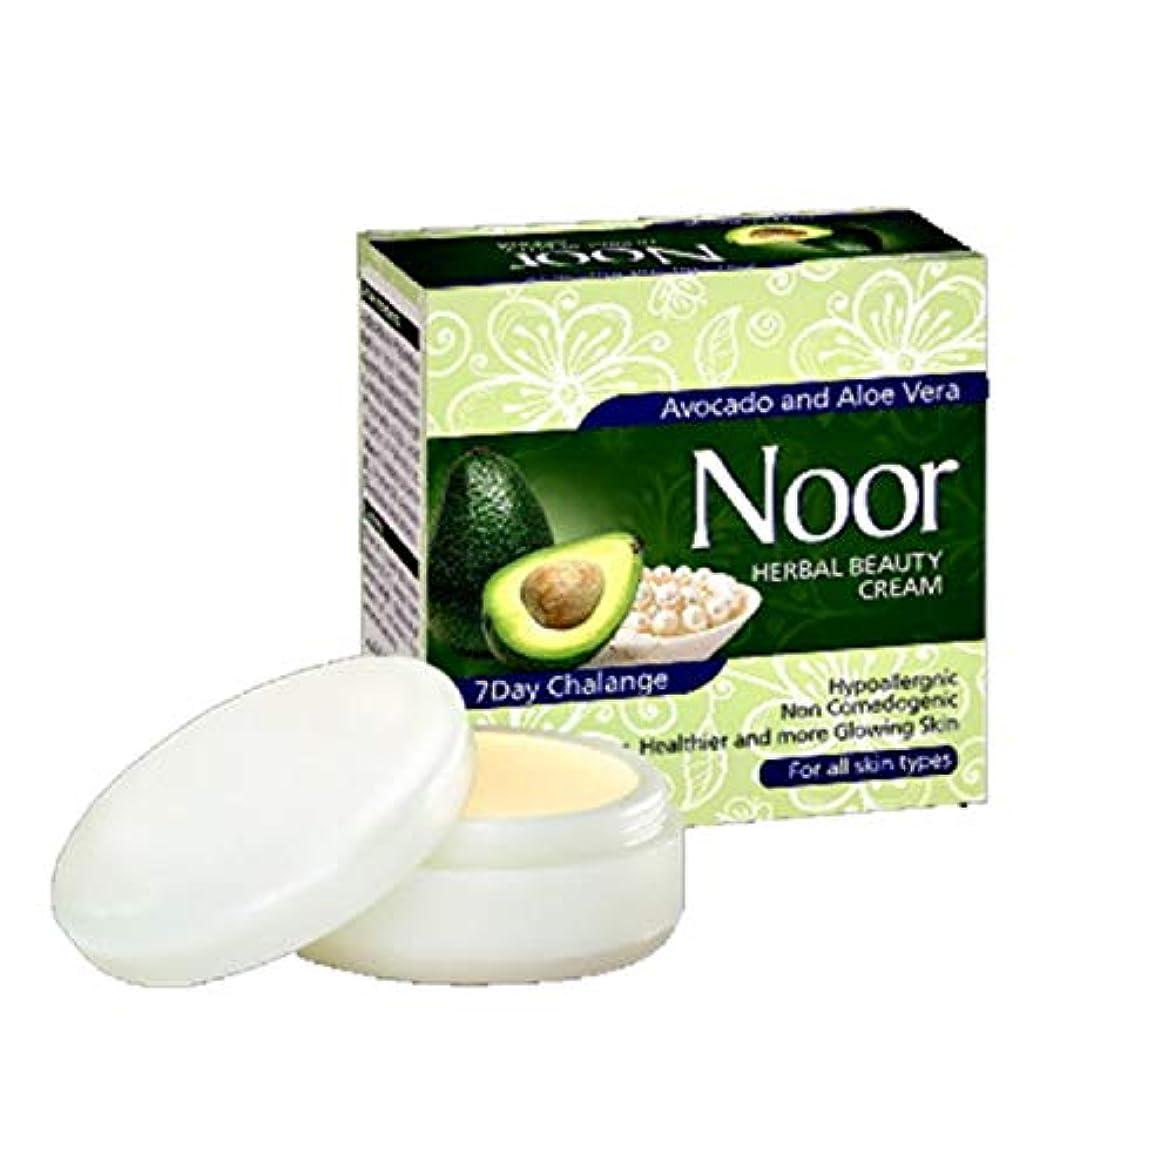 機会暖かさ論争Noor Herbal Beauty Cream Pimple, Spots Removing Anti ageing 2 PC